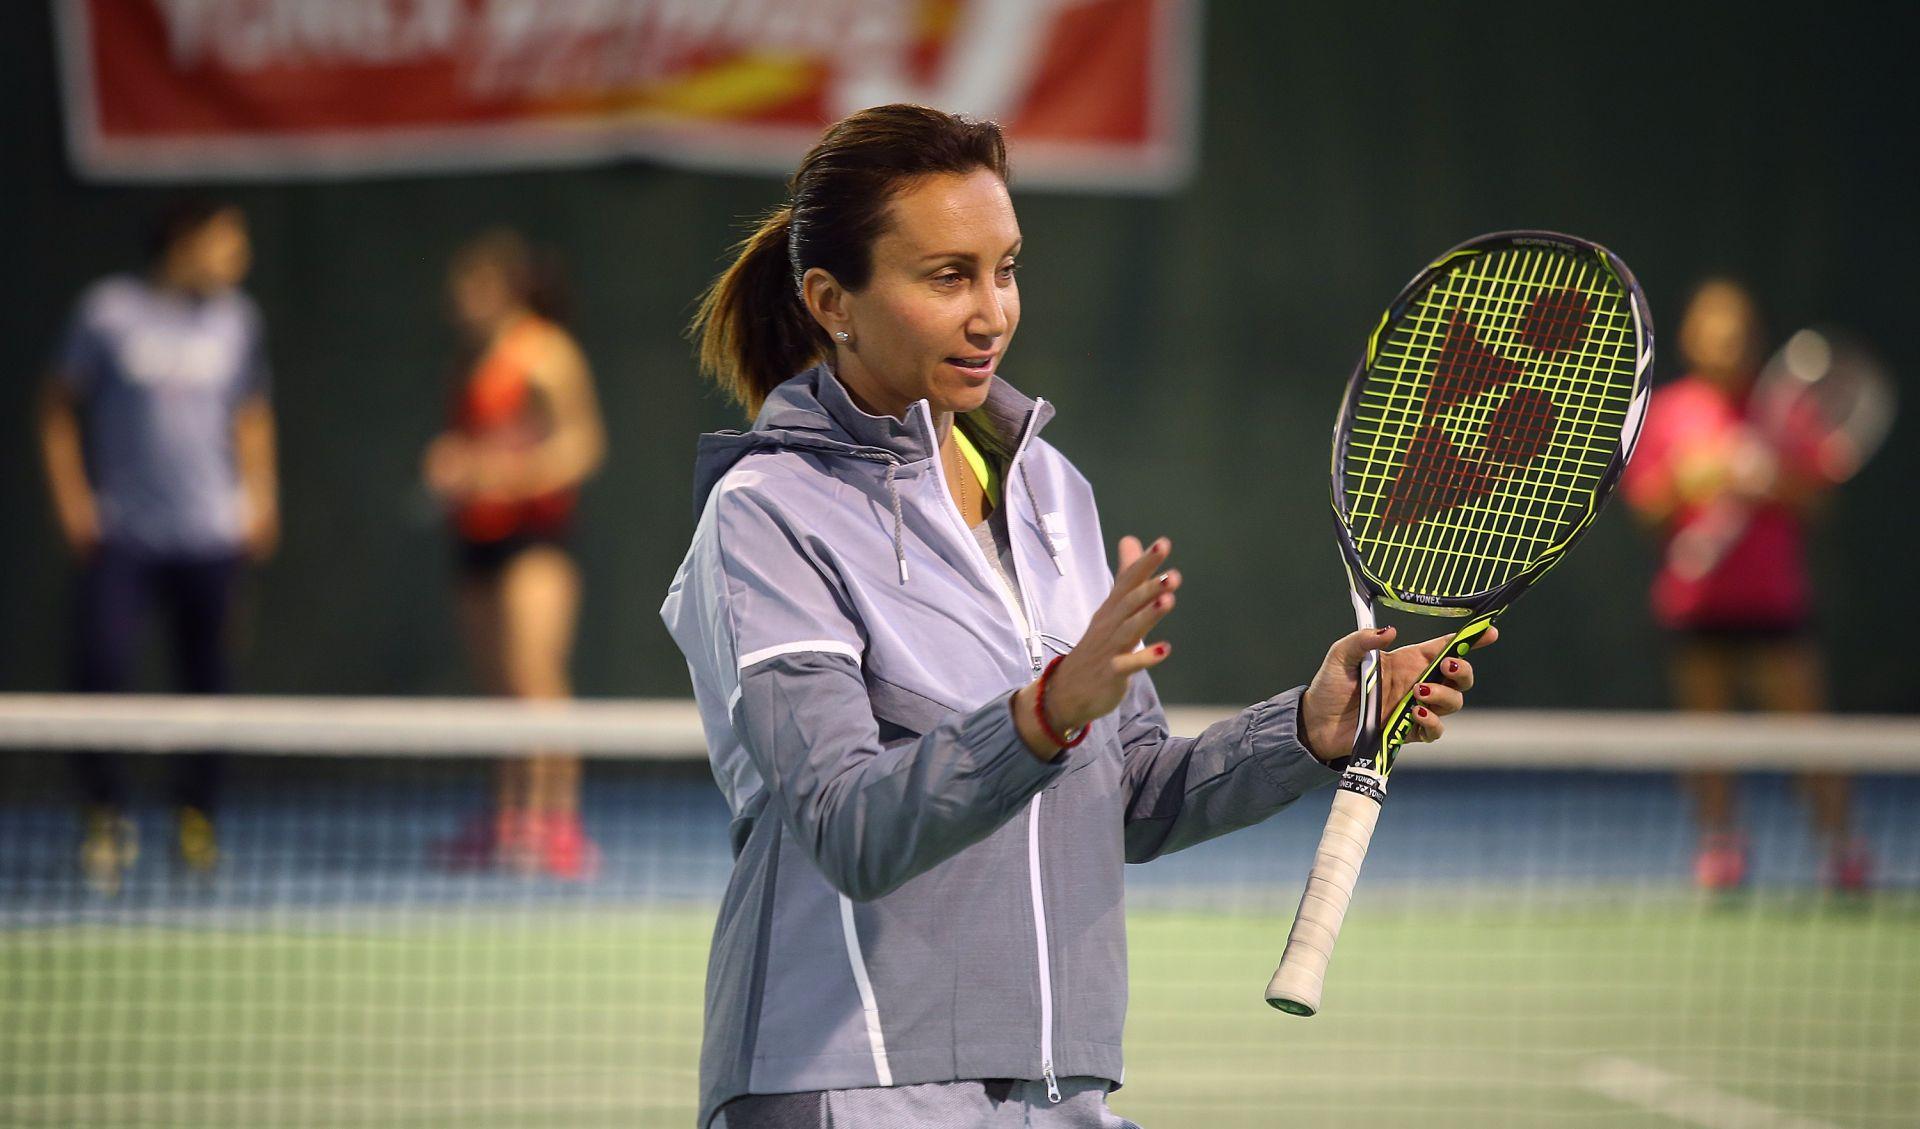 Obustavljen stečaj Tenis centra Ive Majoli, podmireno 37,8 milijuna kuna duga